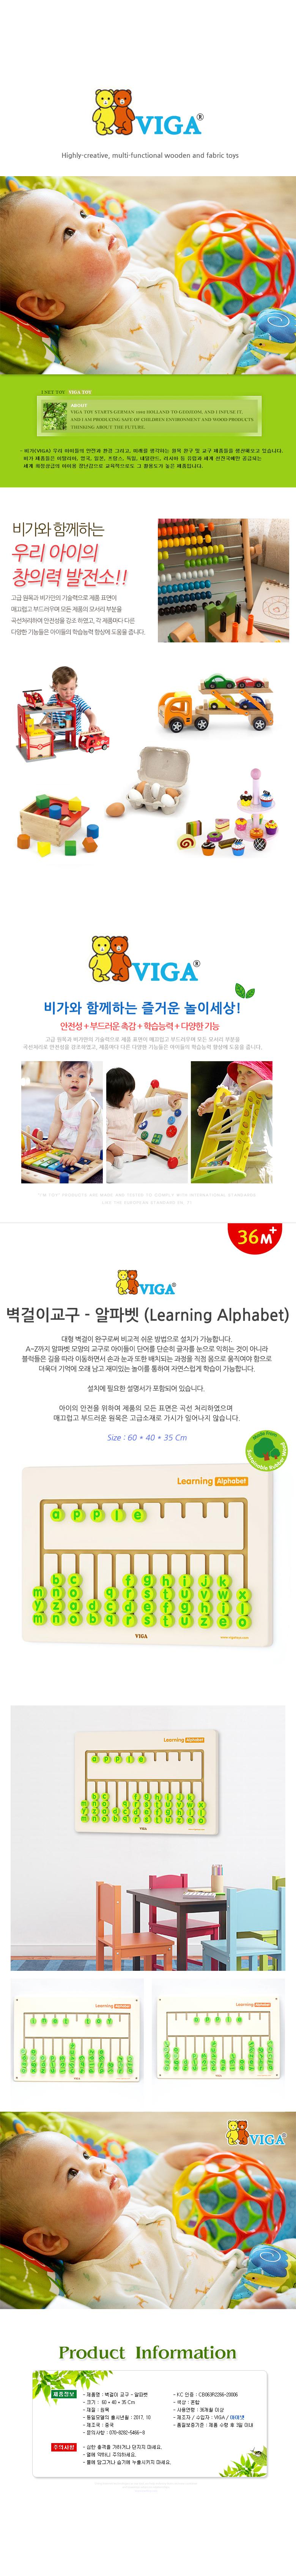 viga_wall_alphabet.jpg